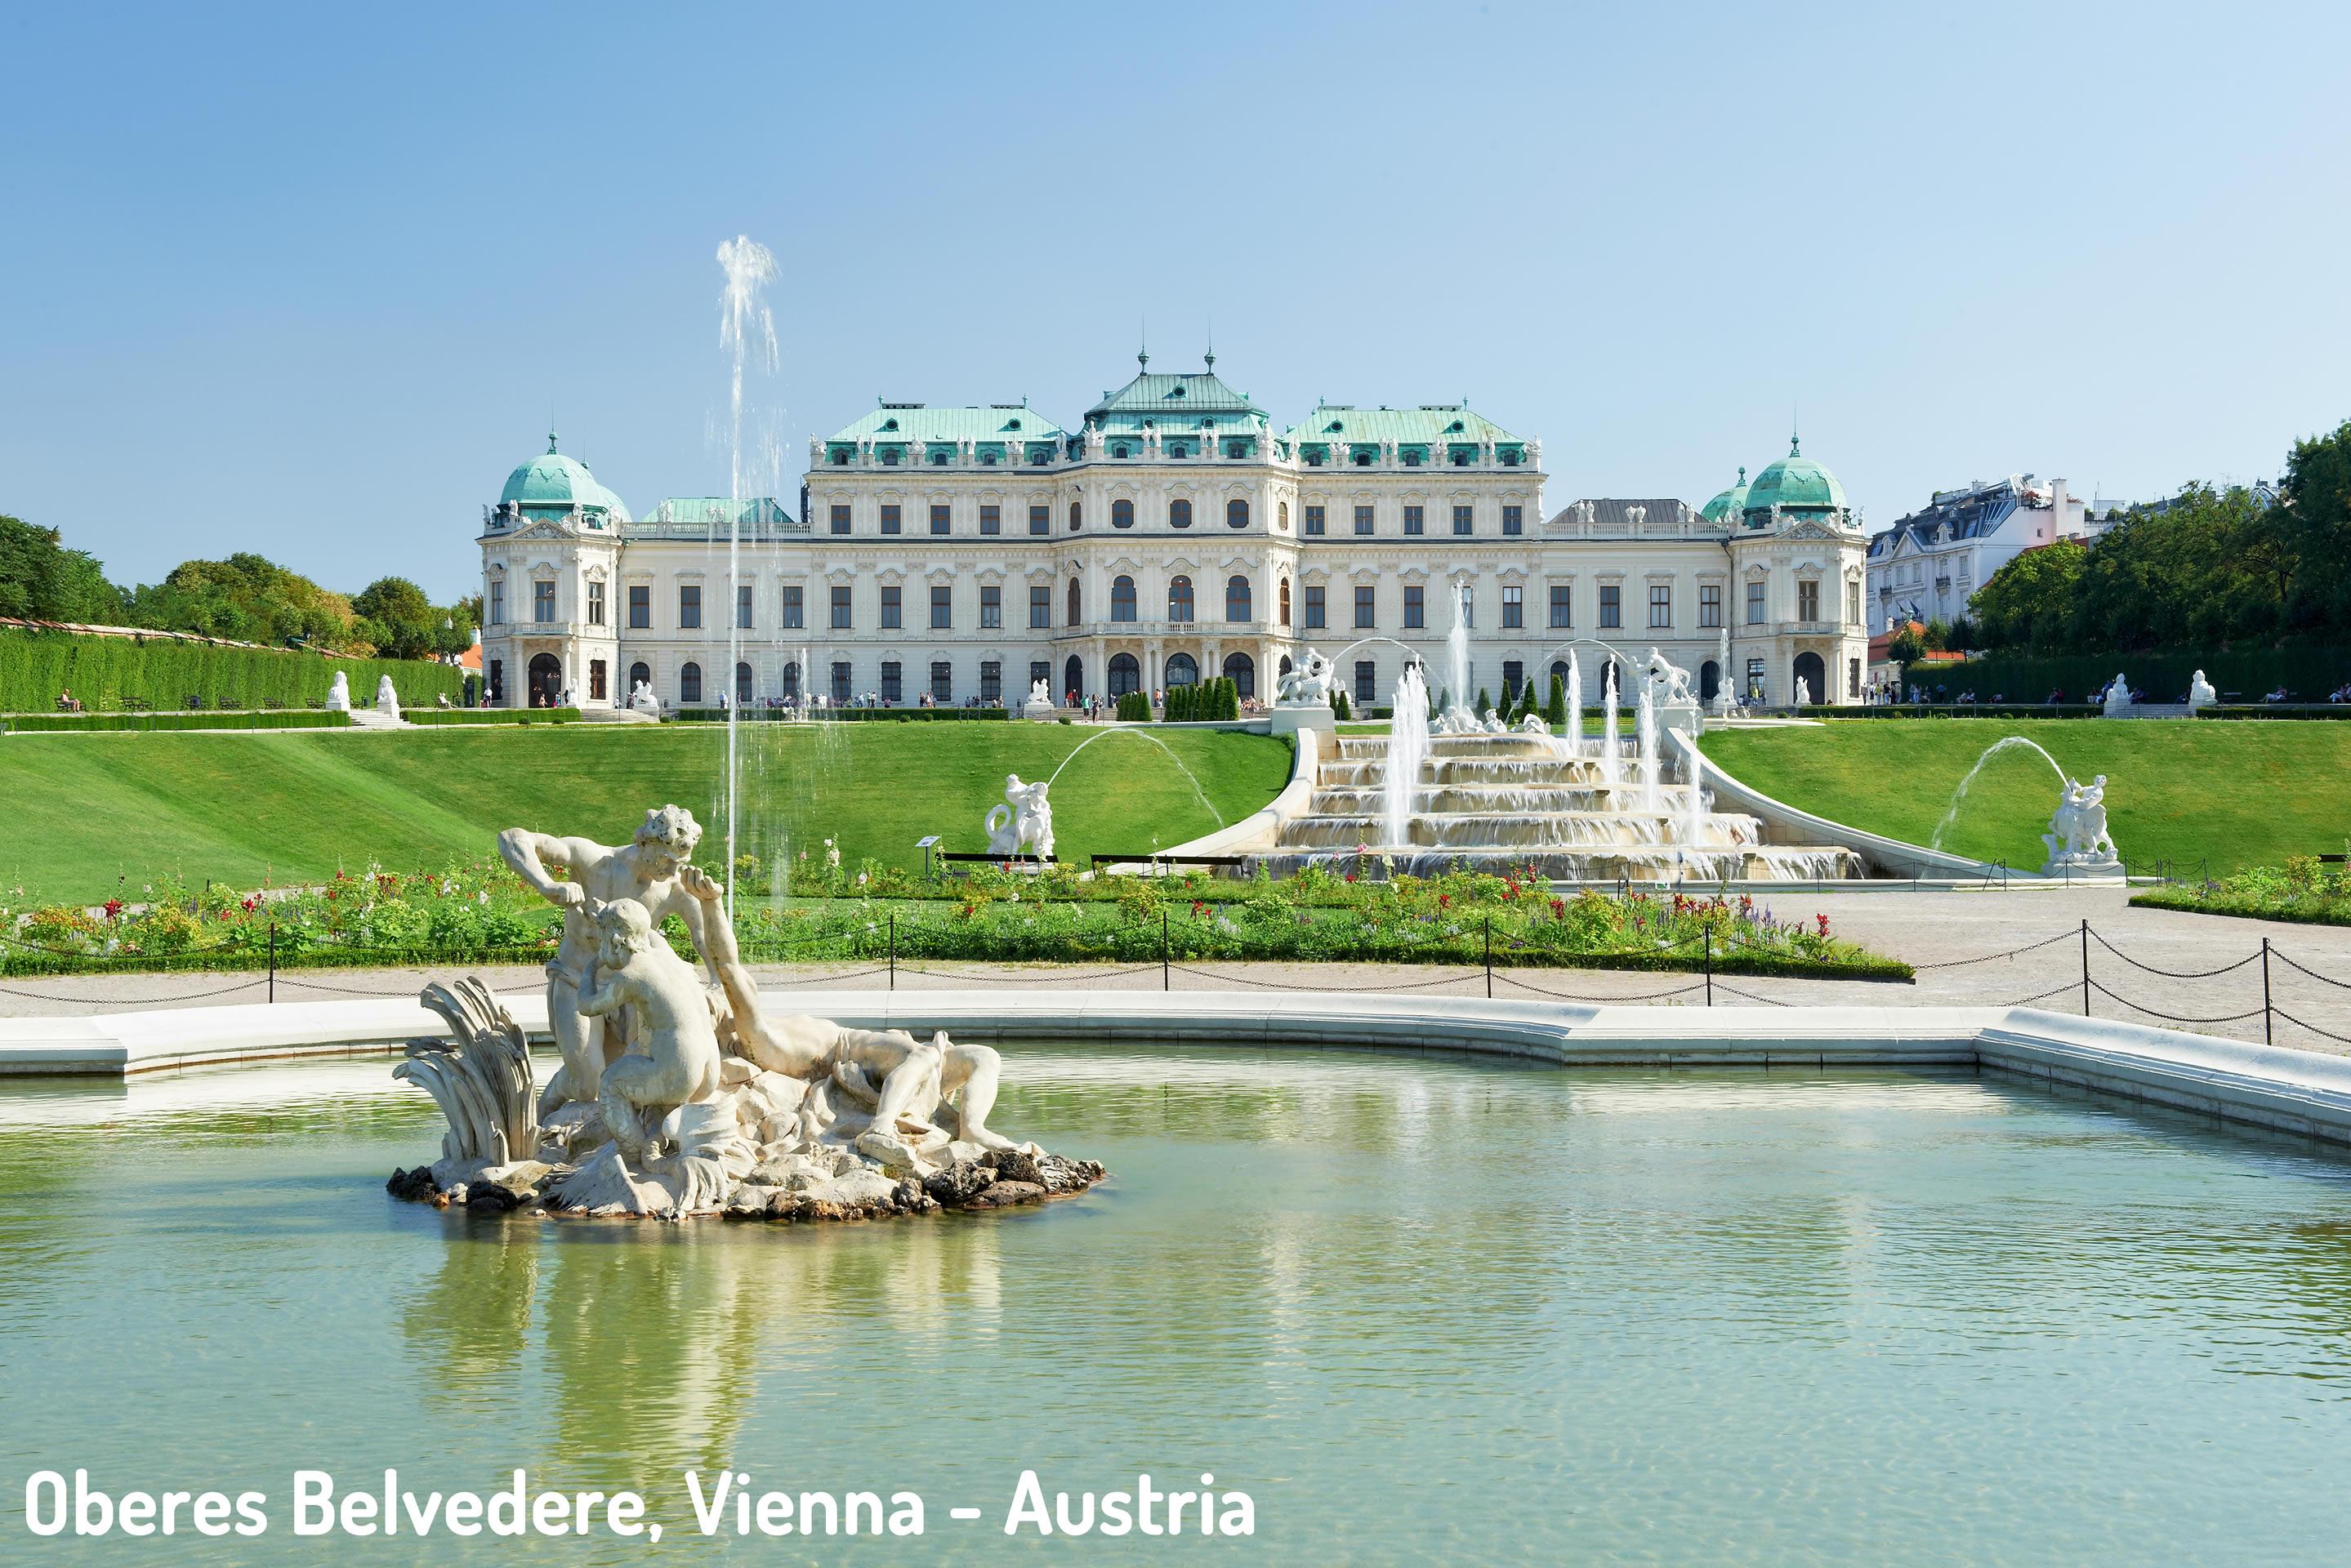 Oberes Belvedere Vienna Austria